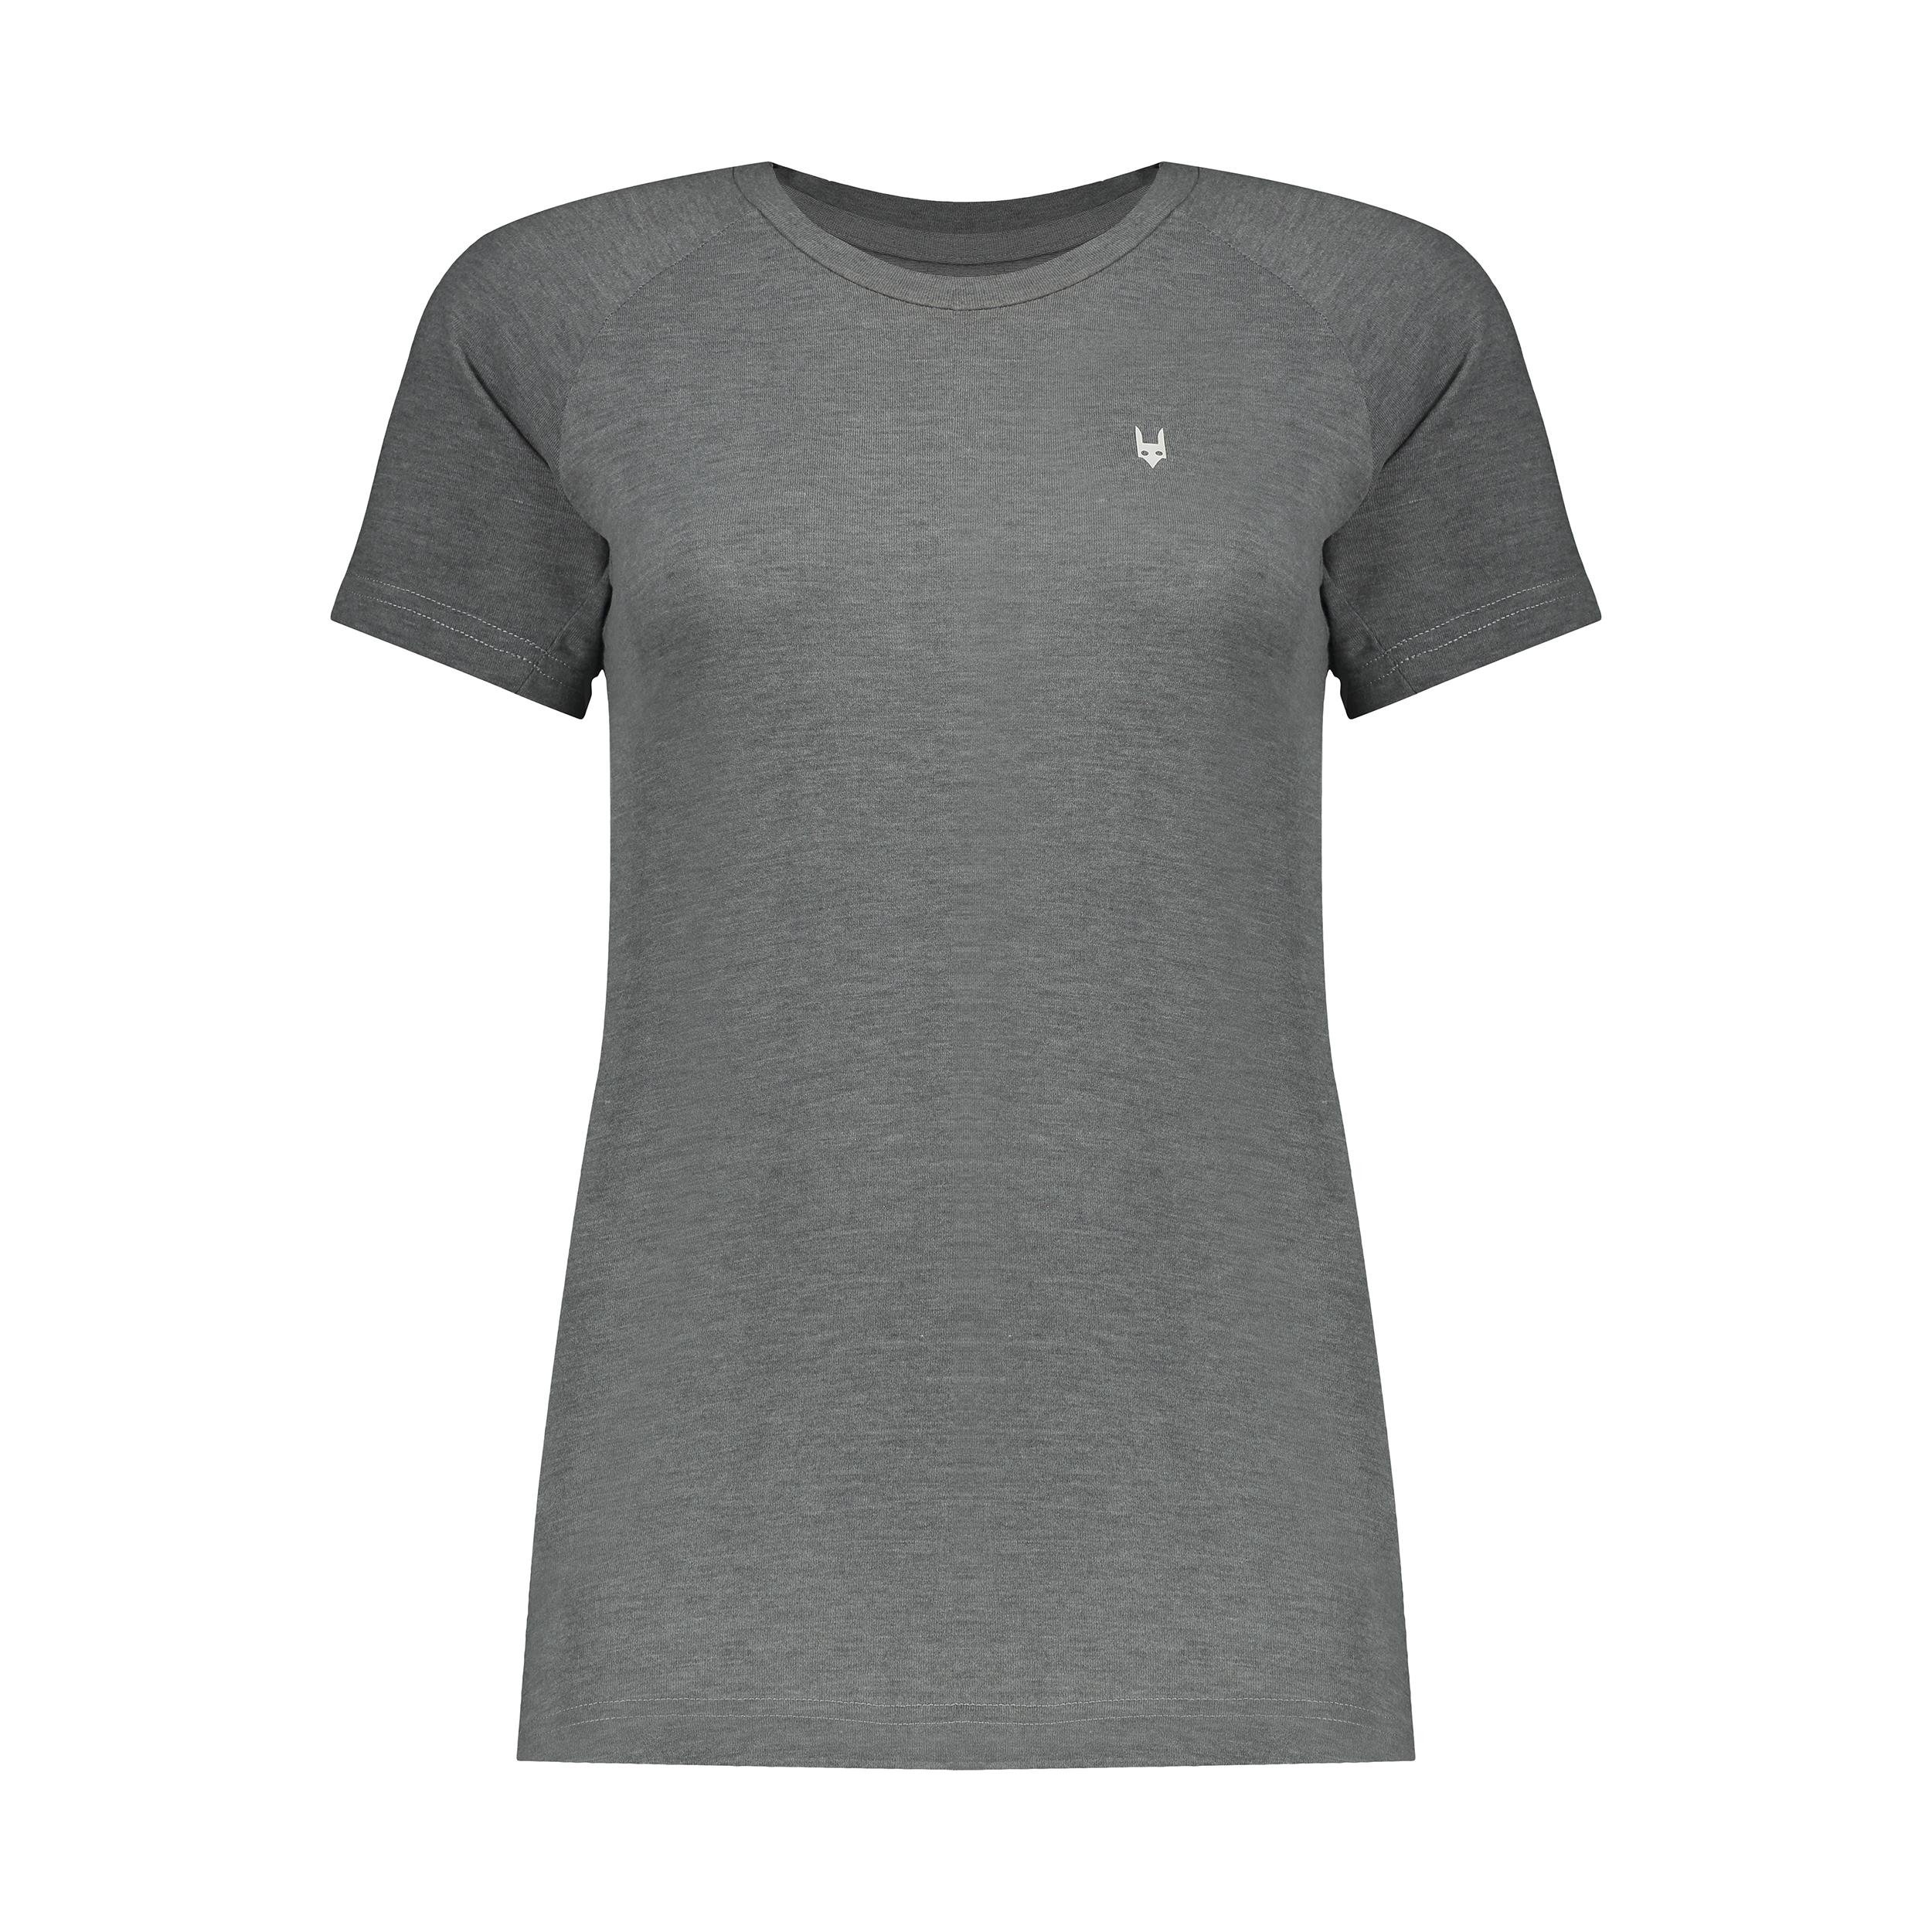 تی شرت  ورزشی زنانه مل اند موژ مدل KT0018-104